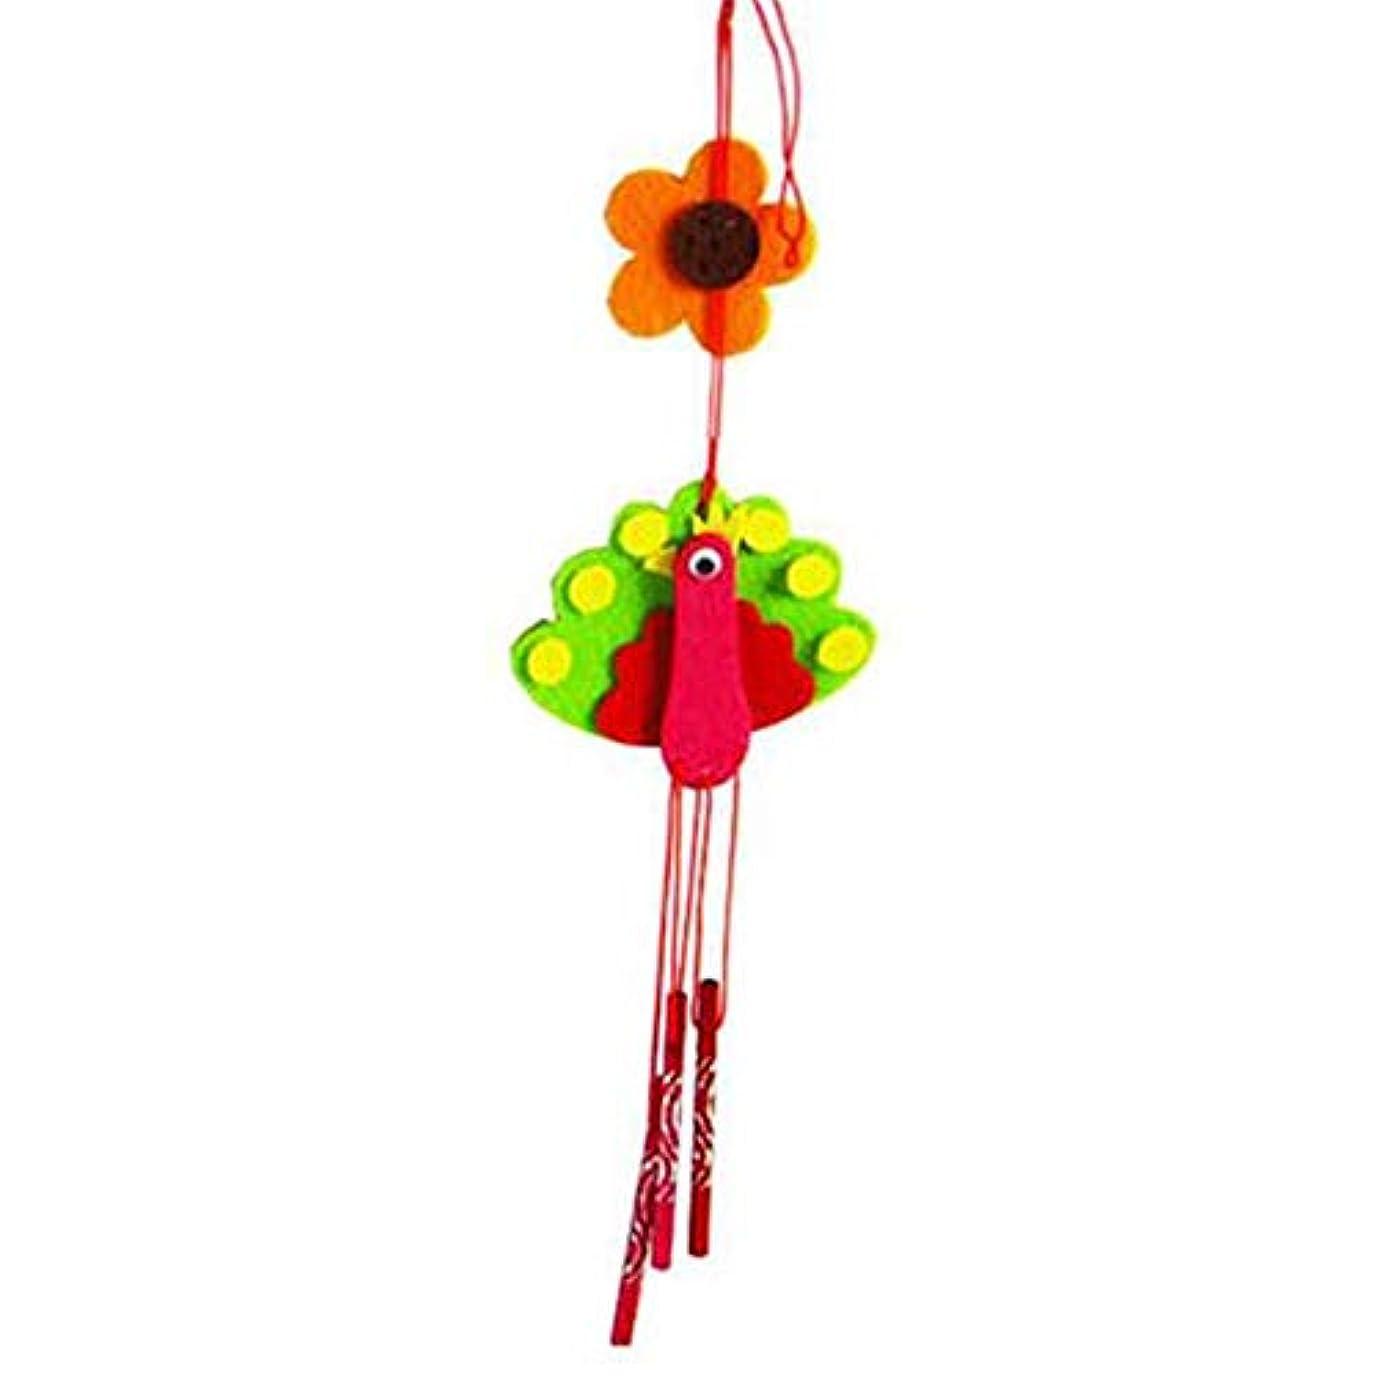 マウスメンバースケートHongyuantongxun 風チャイム、クリエイティブ手作りDIY生産資材パッケージ風チャイム、パープル、全身について35CM,、装飾品ペンダント (Color : Green)